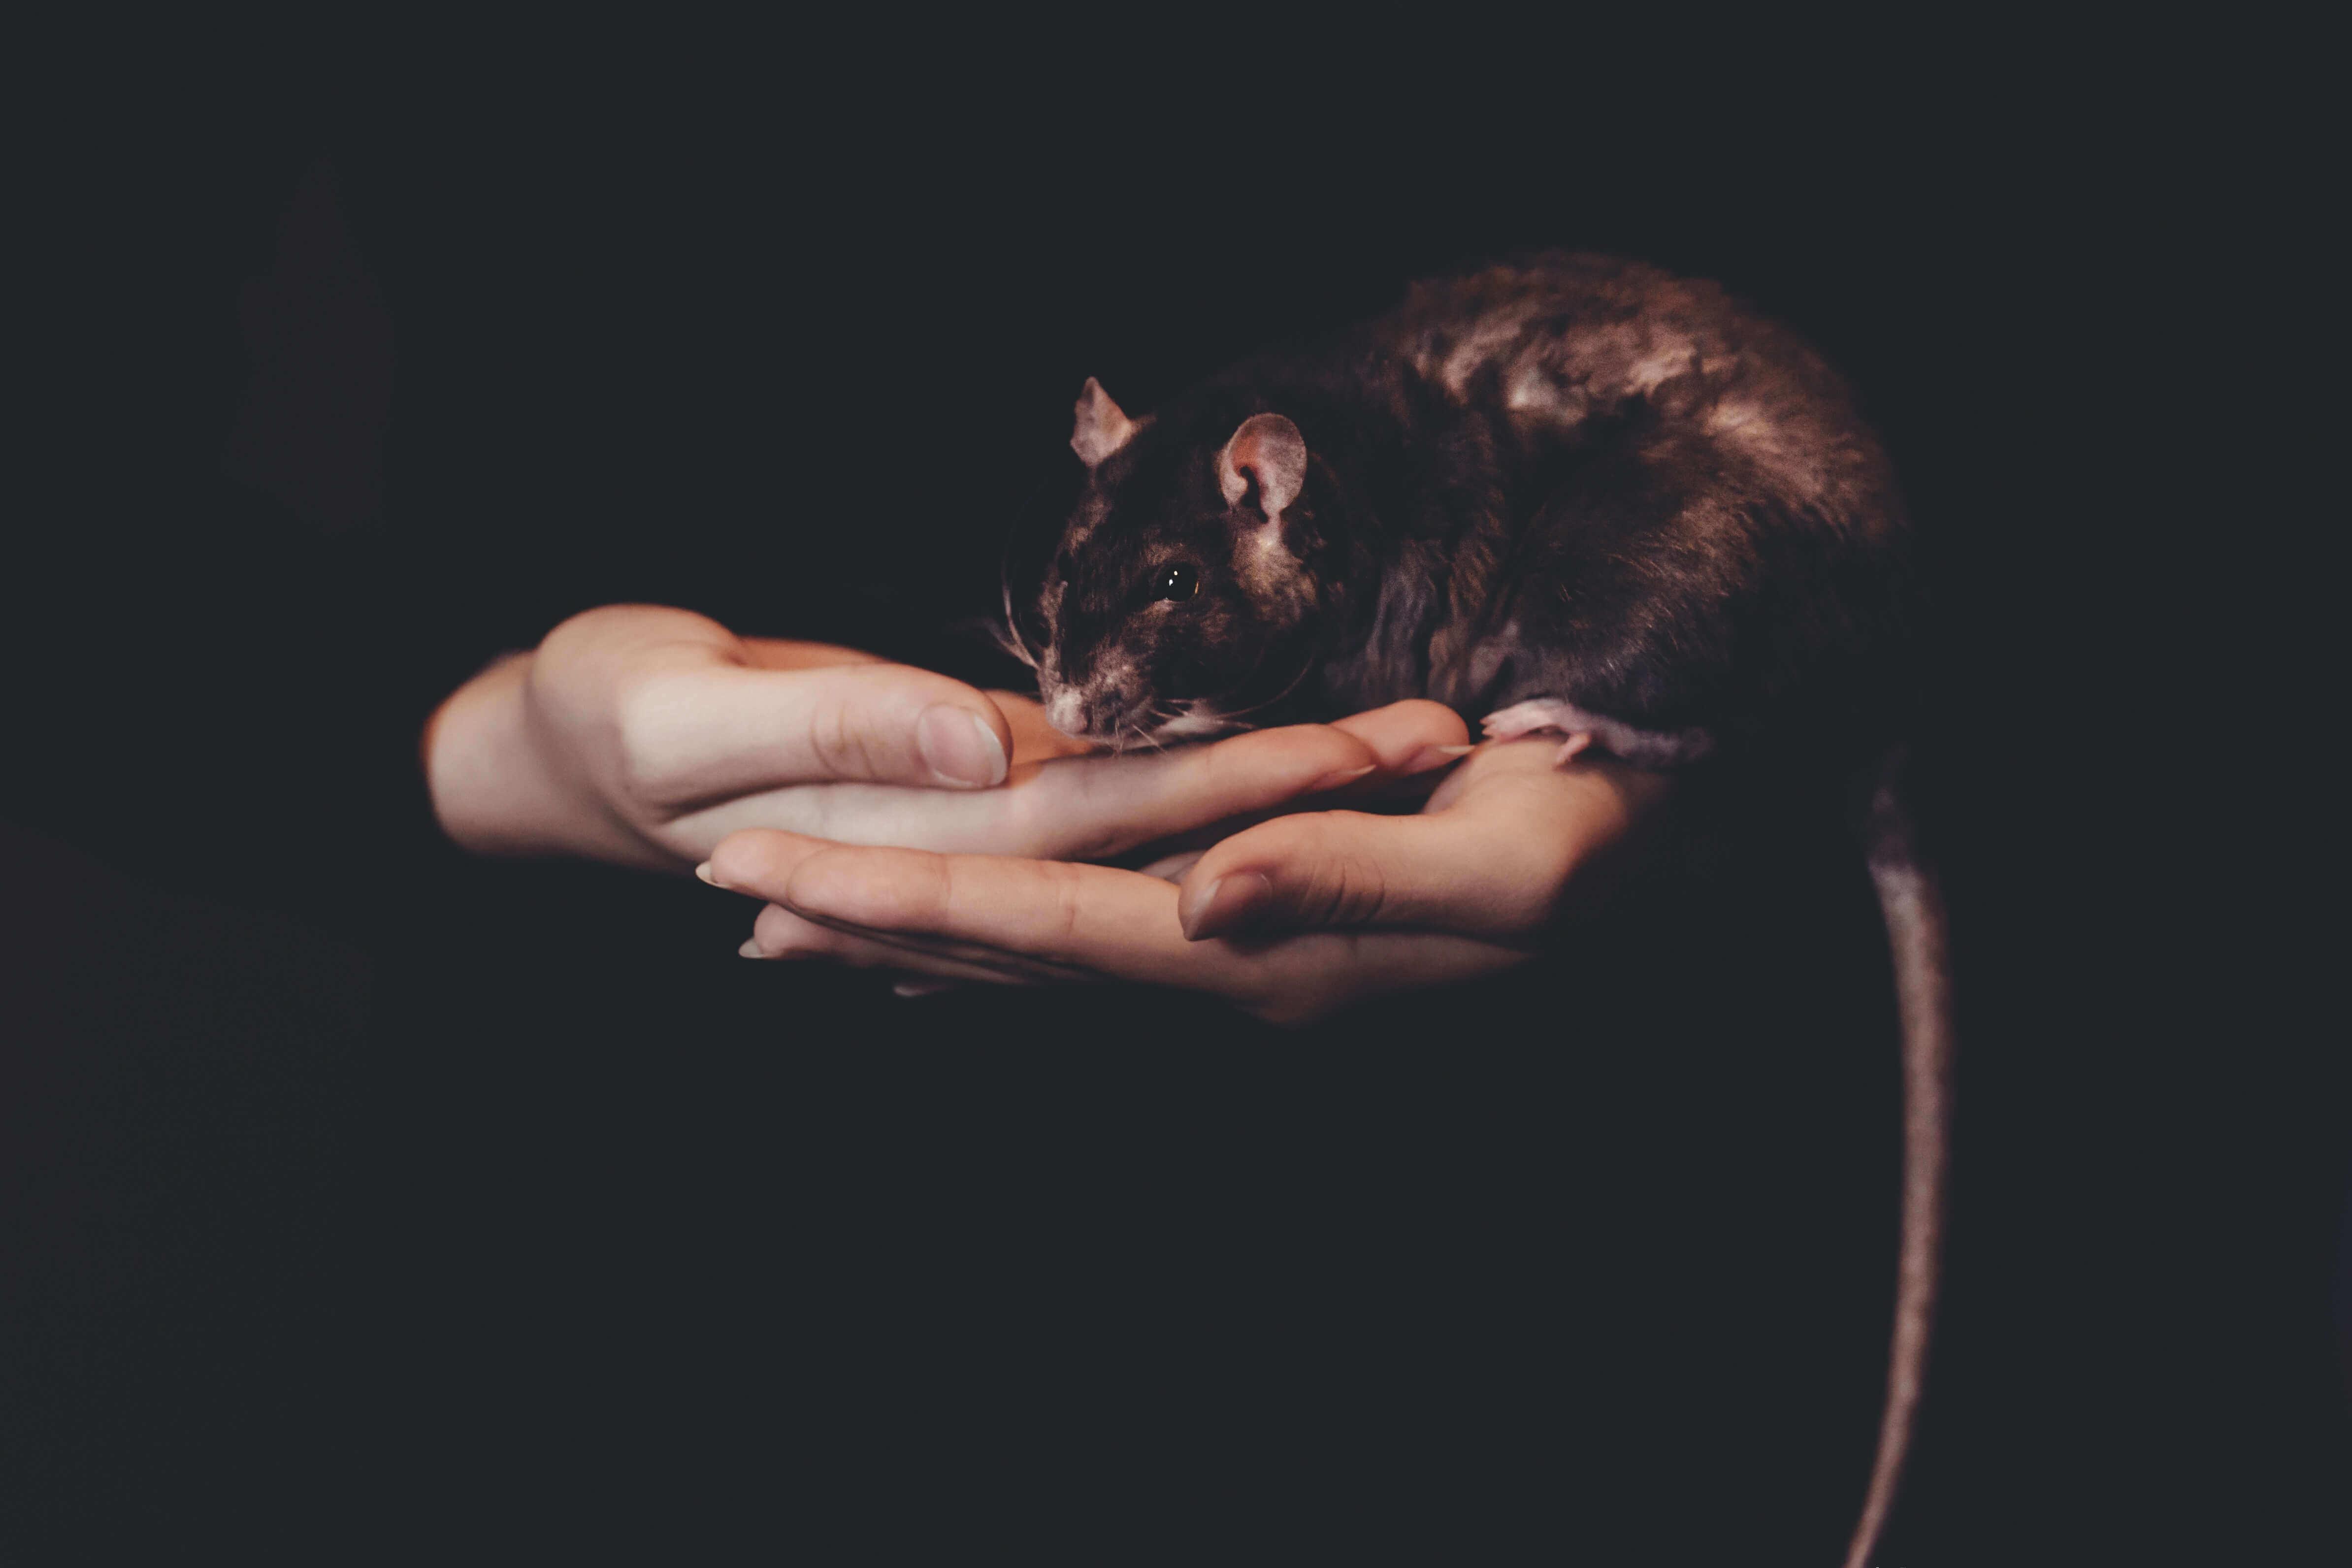 Unas manos de mujer sostienen a un roedor